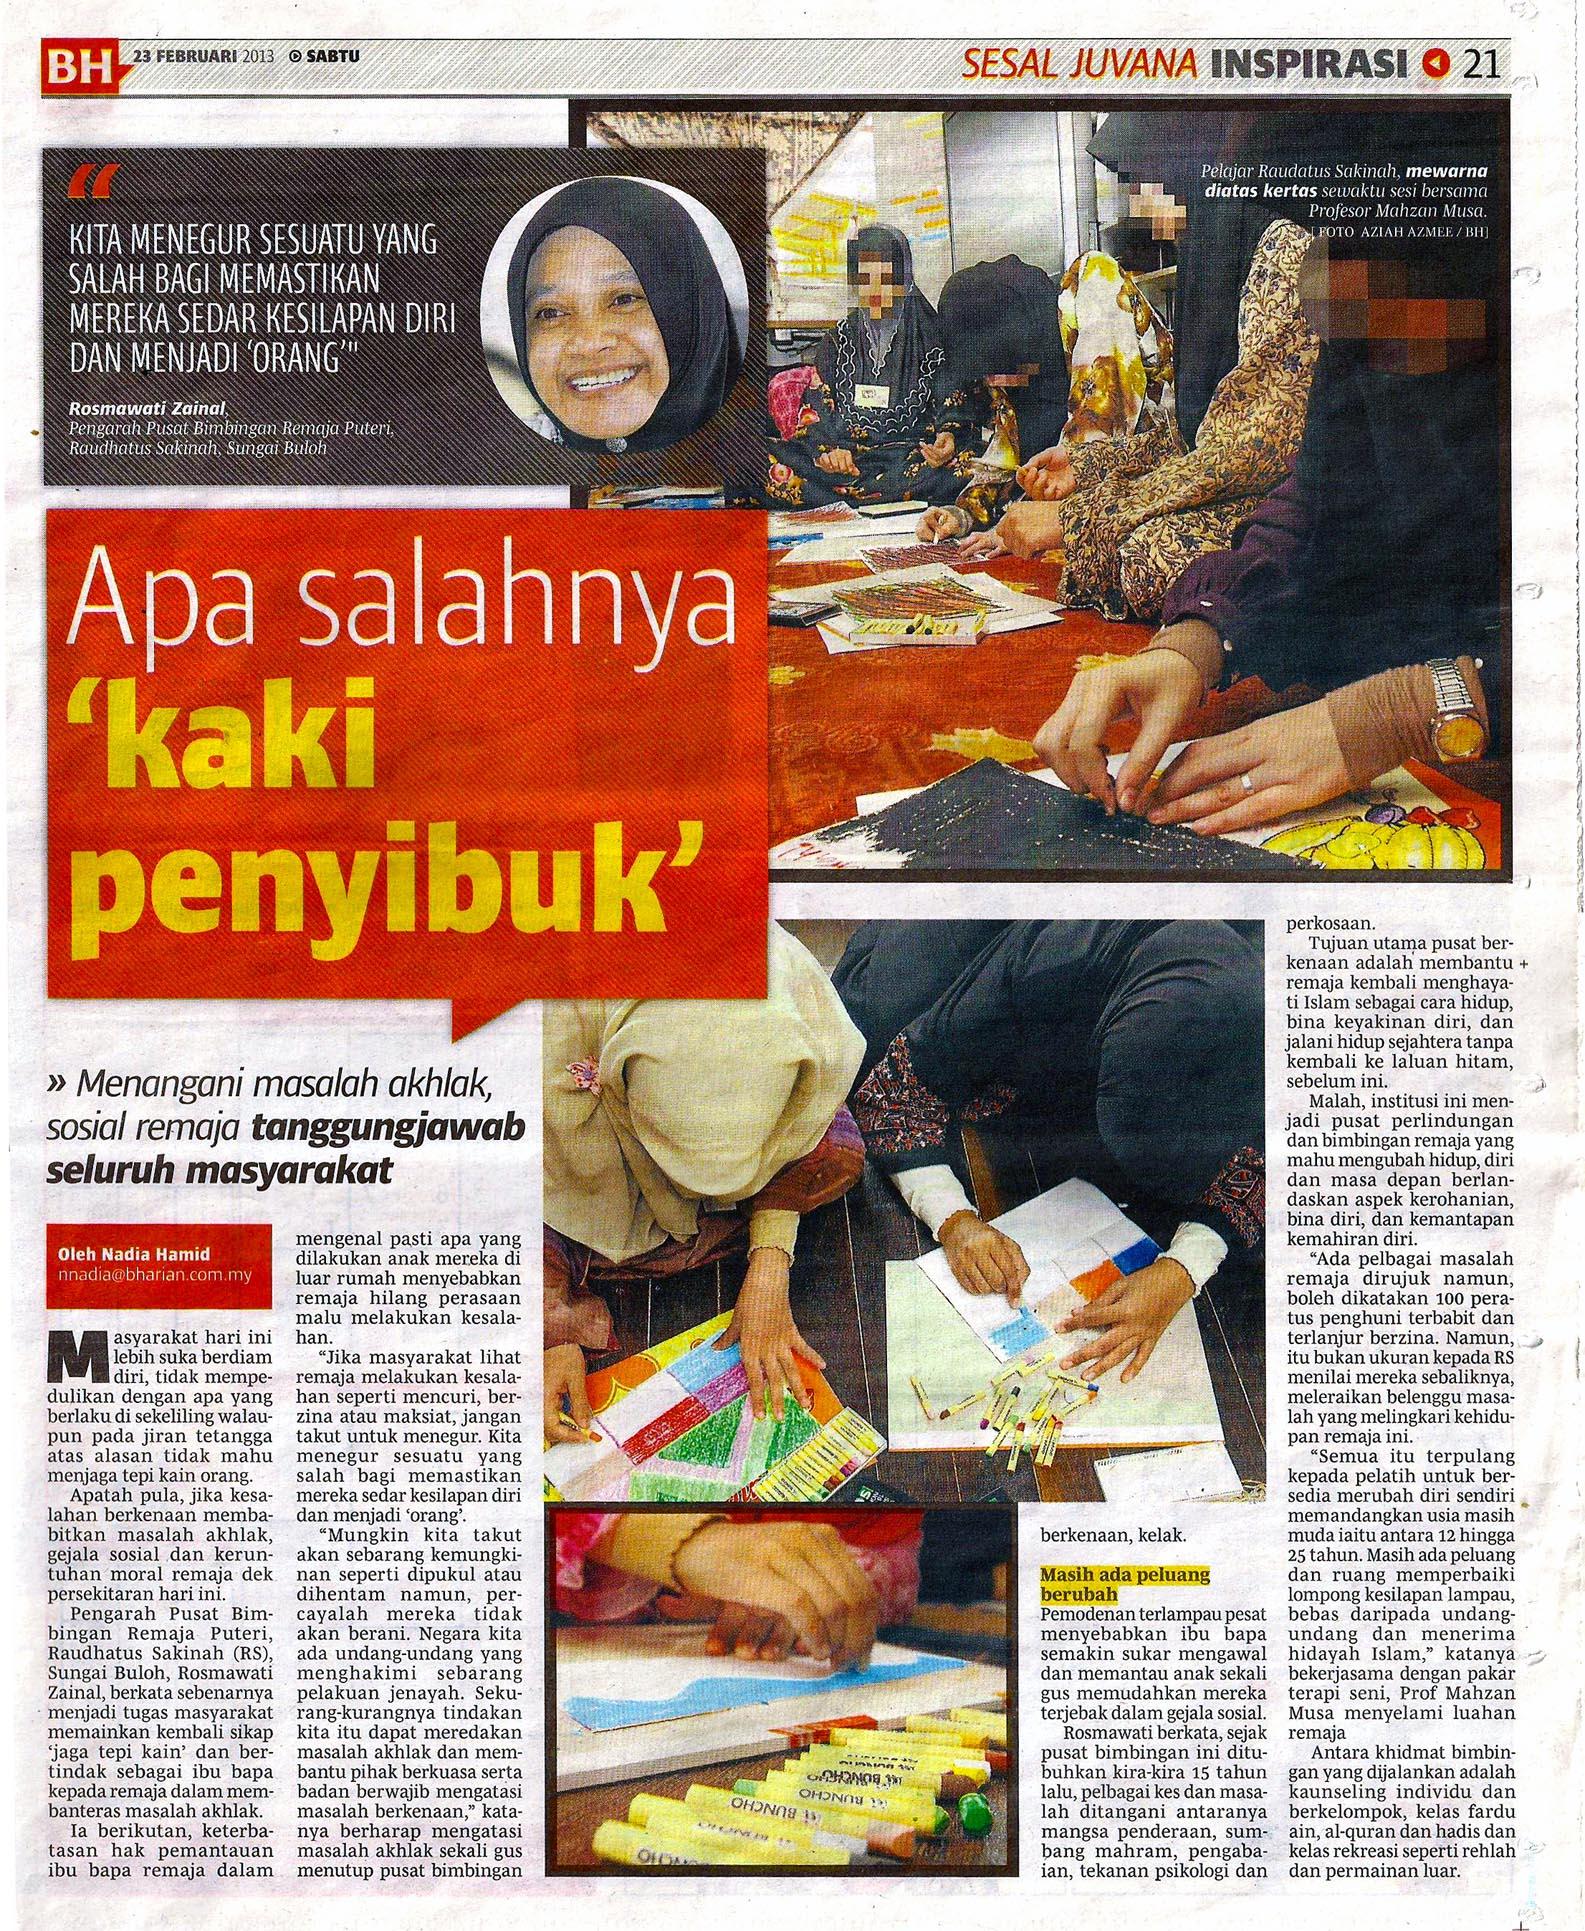 Berita Harian 23 Februari 2013